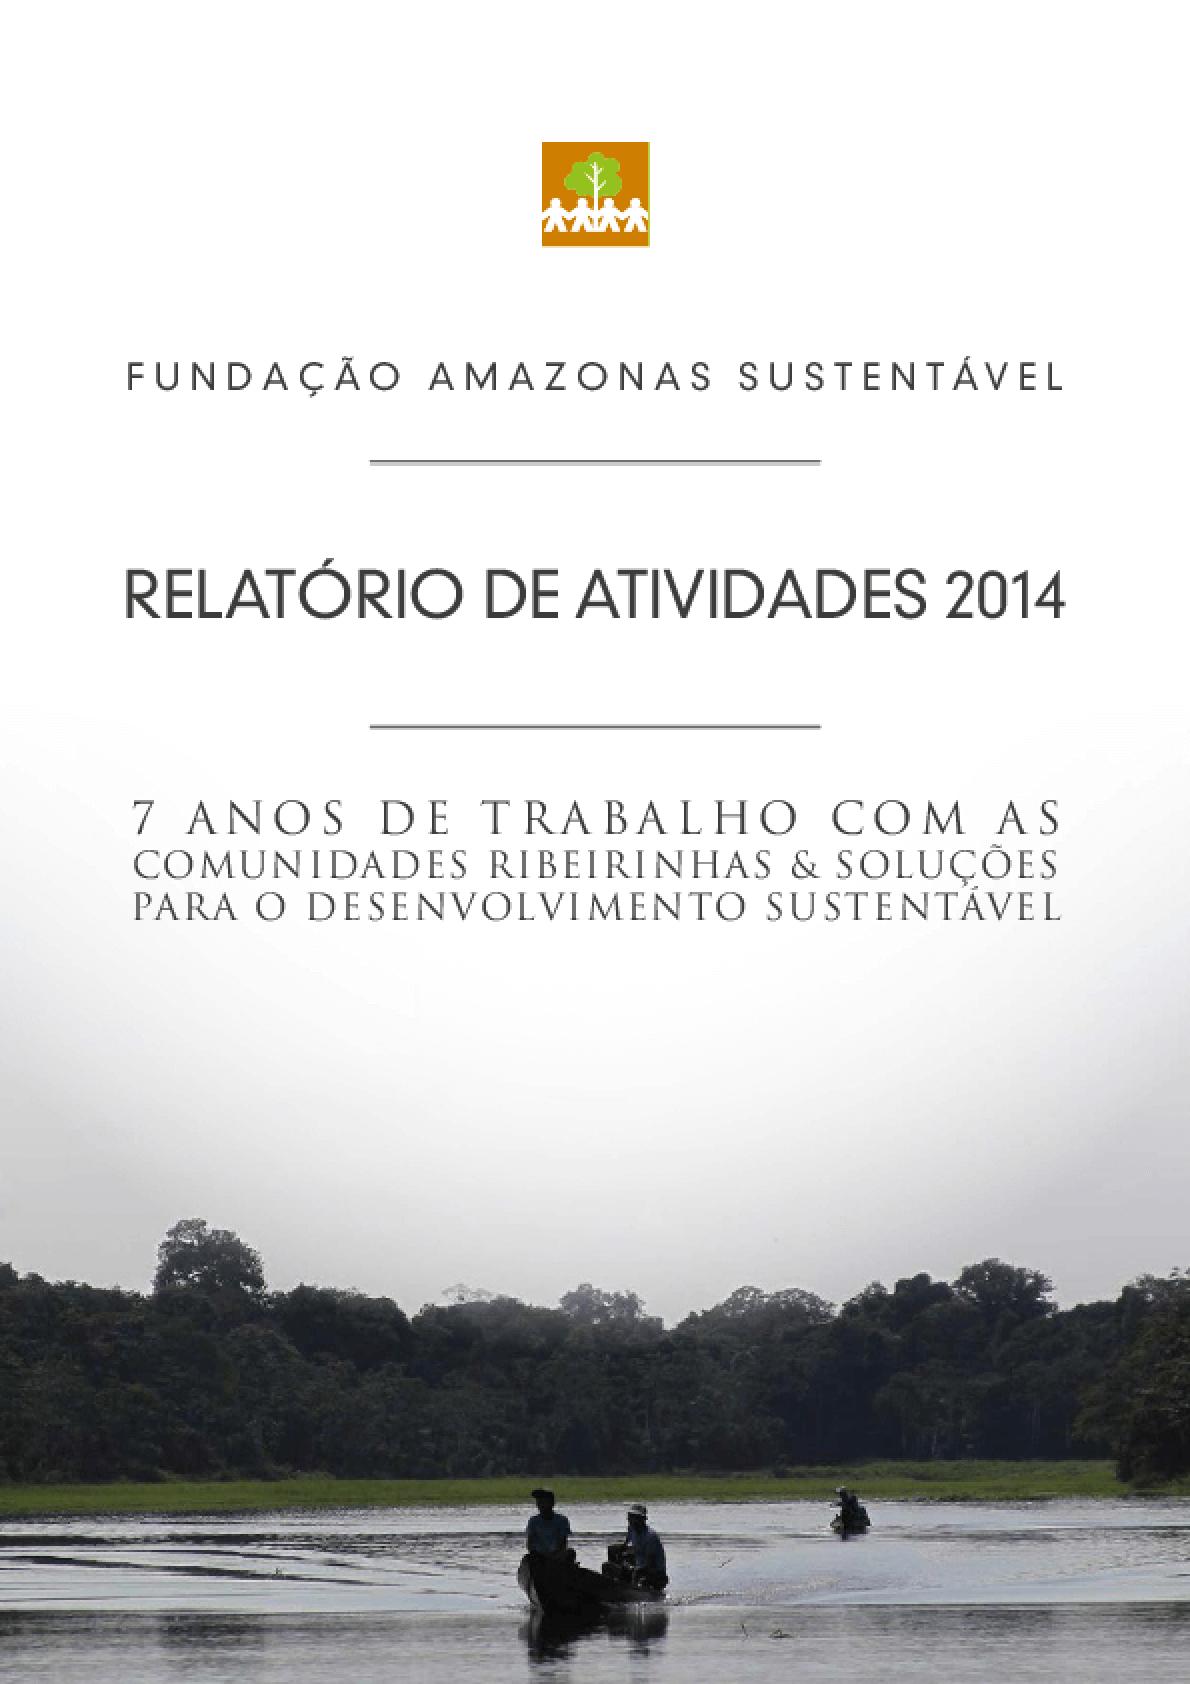 Relatório de Atividades - Fundação Amazonas Sustentável - 2014